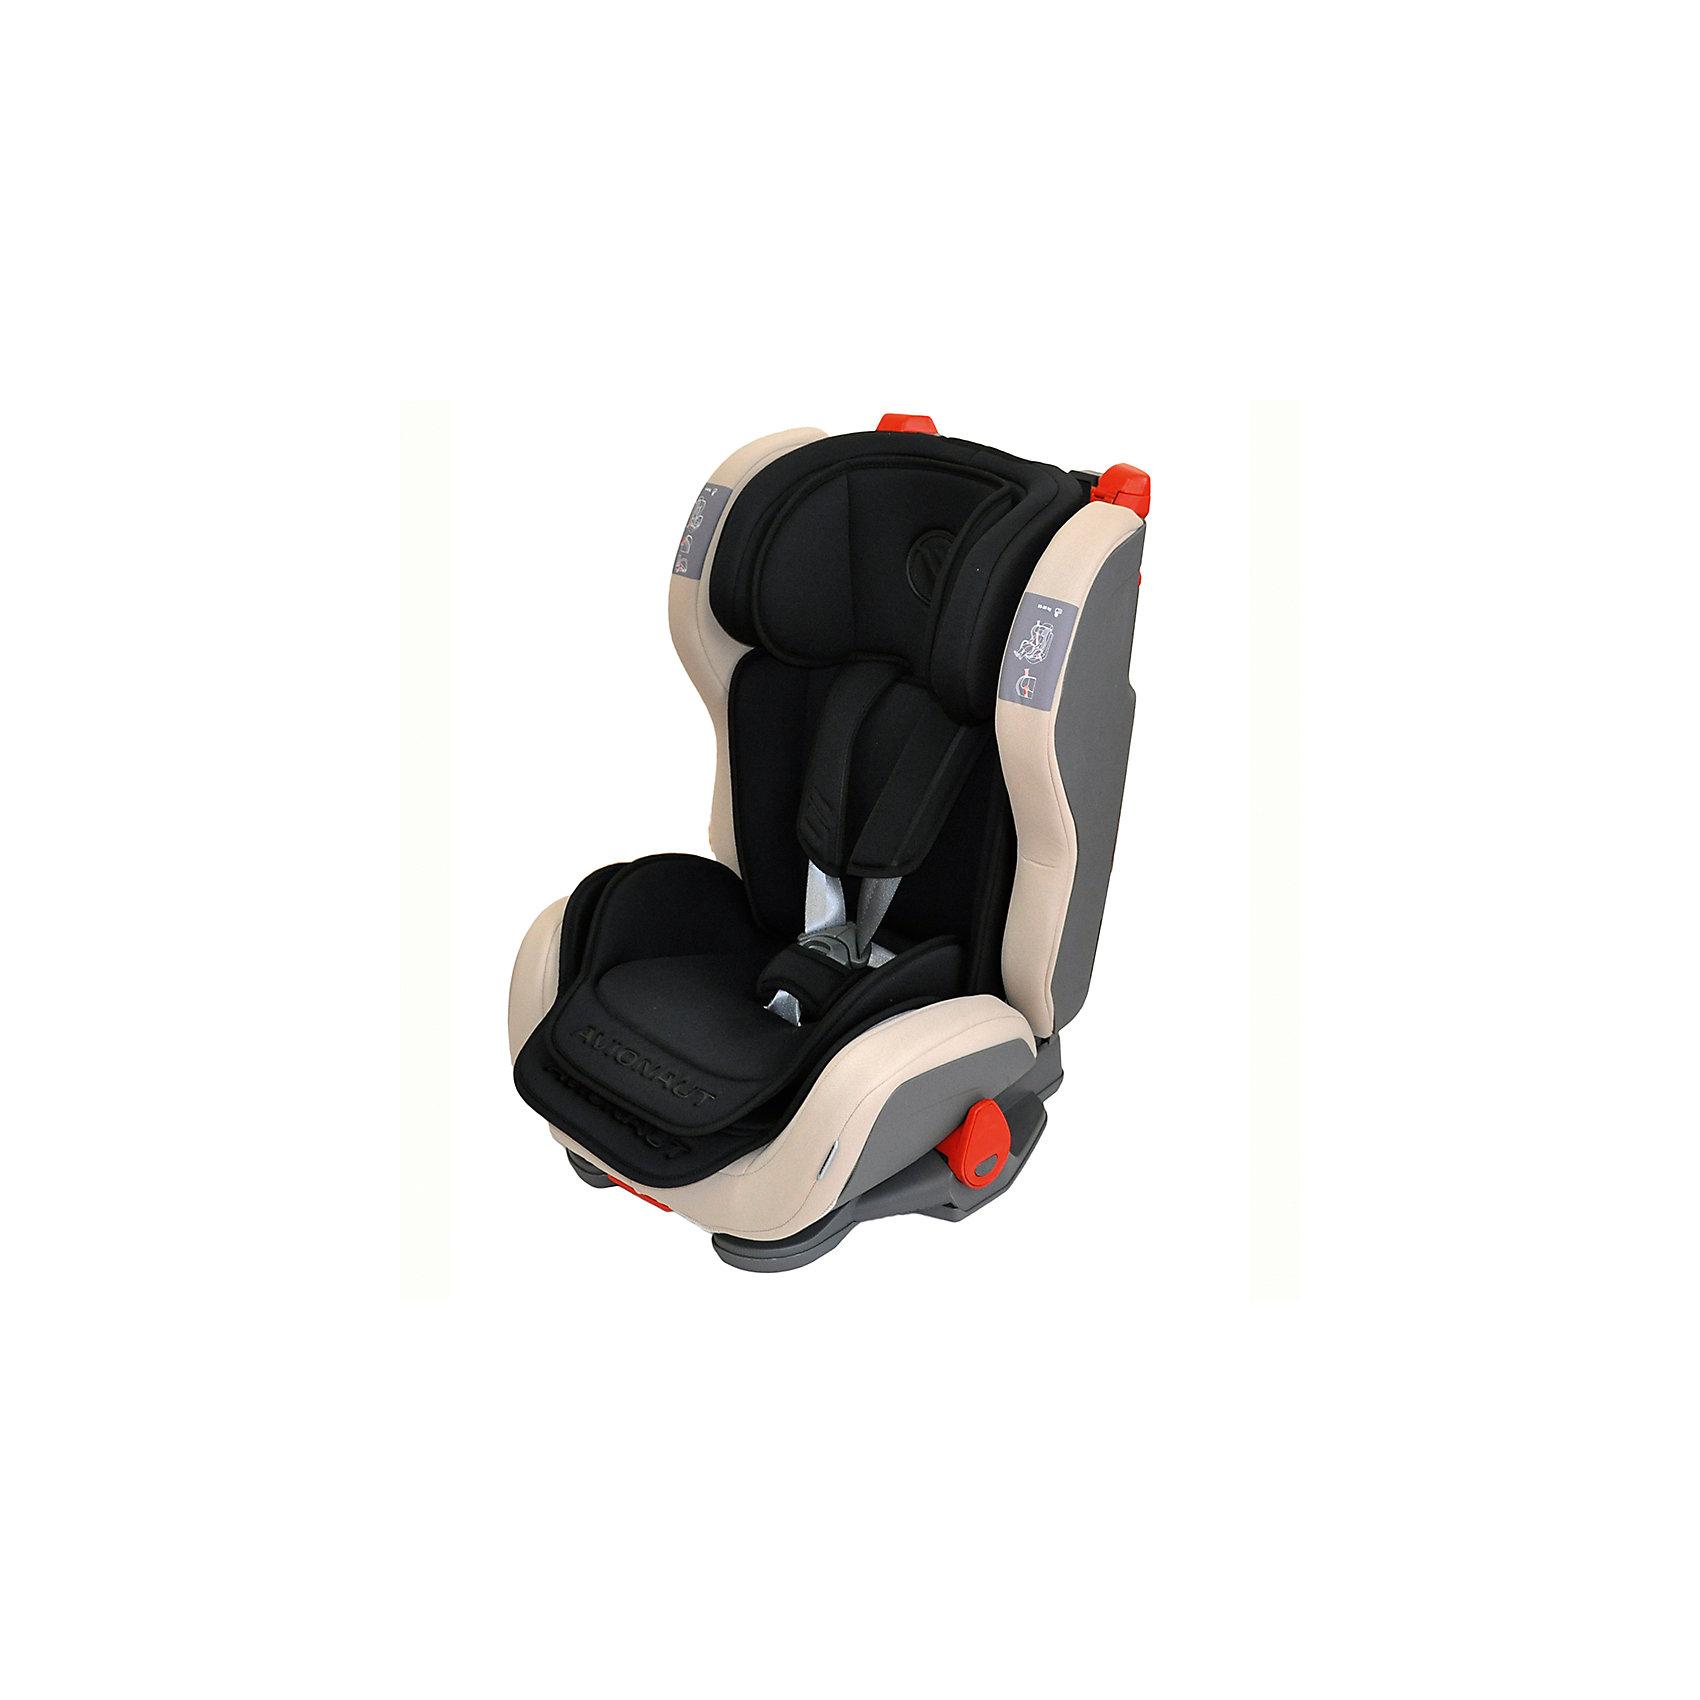 Автокресло Avionaut EVOLVAIR, 9-36кг, черныйГруппа 1-2-3 (От 9 до 36 кг)<br>Характеристики товара:<br><br>• группа автокресла: 1-2-3;<br>• возраст: от 9 месяцев до 12 лет;<br>• вес ребенка: 9-36 кг;<br>• материал: пластик, полиэстер;<br>• 5-ти точечные ремни безопасности;<br>• регулировка наклона спинки;<br>• регулировка подголовника;<br>• установка автокресла: по ходу движения;<br>• способ крепления: штатными ремнями автомобиля;<br>• размер автокресла: 46х59х50 см;<br>• вес автокресла: 8,2 кг;<br>• размер упаковки: 47х69х69 см;<br>• вес упаковки: 9,5 кг;<br>• страна производитель: Польша.<br><br>Автокресло Avionaut Evolvair черное обеспечивает надежную защиту малыша при перевозке в автомобиле. Оно устанавливается на пассажирском сидении при помощи штатных ремней. Каркас сделан из ударопрочного пластика, а специальный наполнитель поглощает основной удар, защищая ребенка от травм.<br><br>Внутри сидения имеется цветной вкладыш и мягкий подголовник с поддержкой головы. Регулируемый по высоте подголовник и боковины по ширине позволяют использовать кресло не один год и подгонять его под растущего ребенка. Спинку можно опустить рычагом, чтобы малыш в поездке могу отдохнуть и поспать.<br><br>Автокресло Avionaut Evolvair черное можно приобрести в нашем интернет-магазине.<br><br>Ширина мм: 470<br>Глубина мм: 690<br>Высота мм: 690<br>Вес г: 8200<br>Возраст от месяцев: -2147483648<br>Возраст до месяцев: 2147483647<br>Пол: Унисекс<br>Возраст: Детский<br>SKU: 5500150